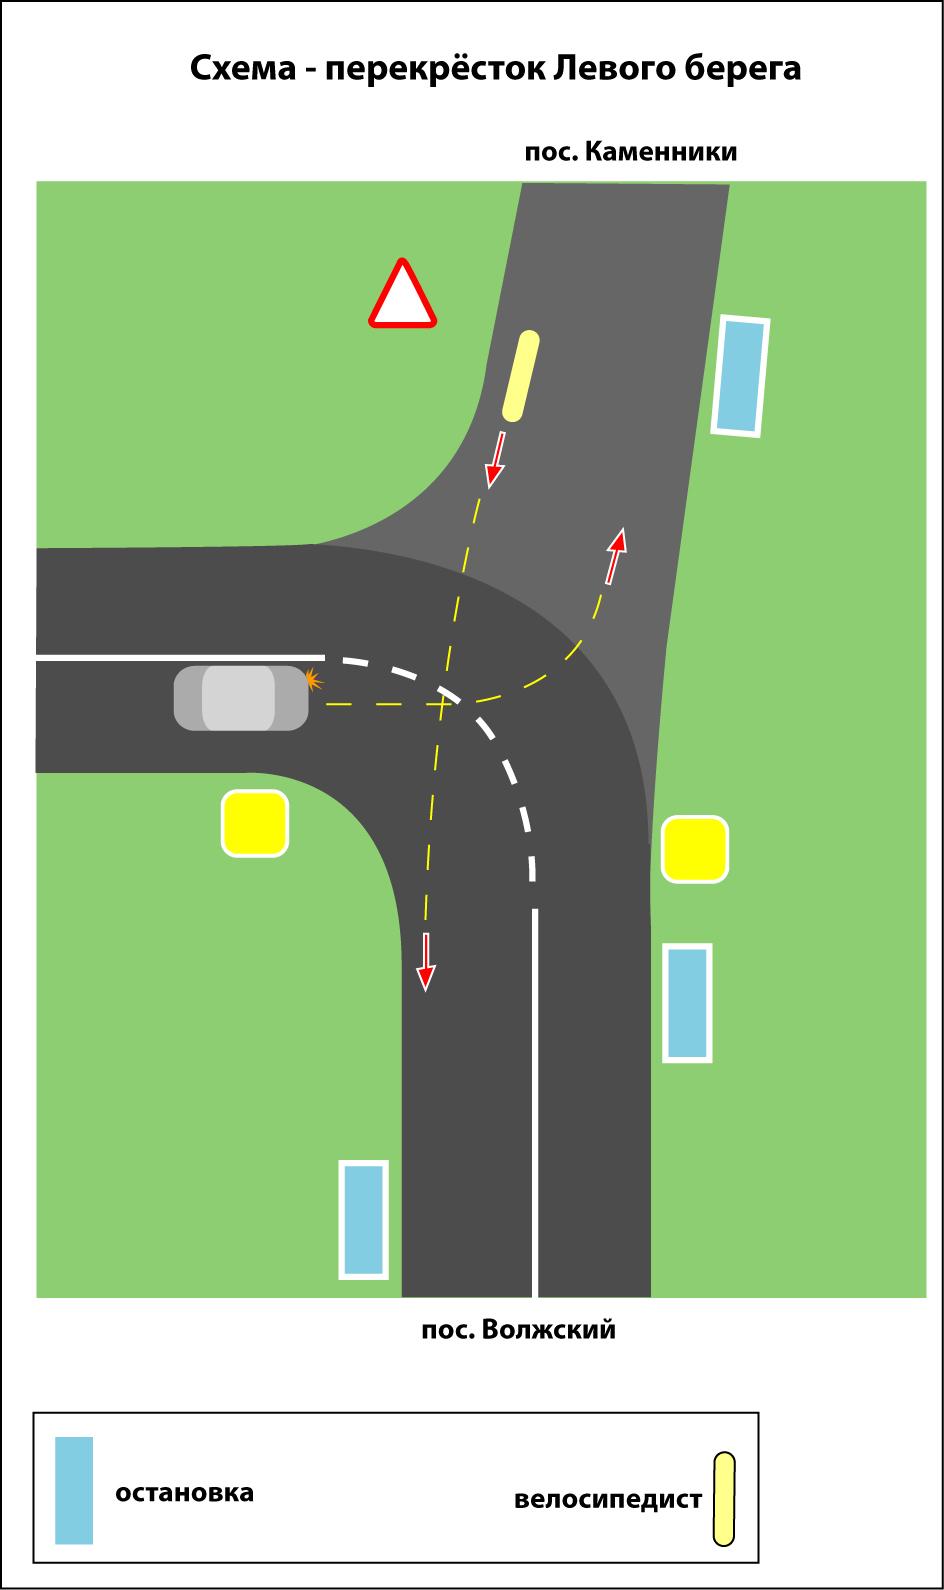 Схема перекрестка с светофорами